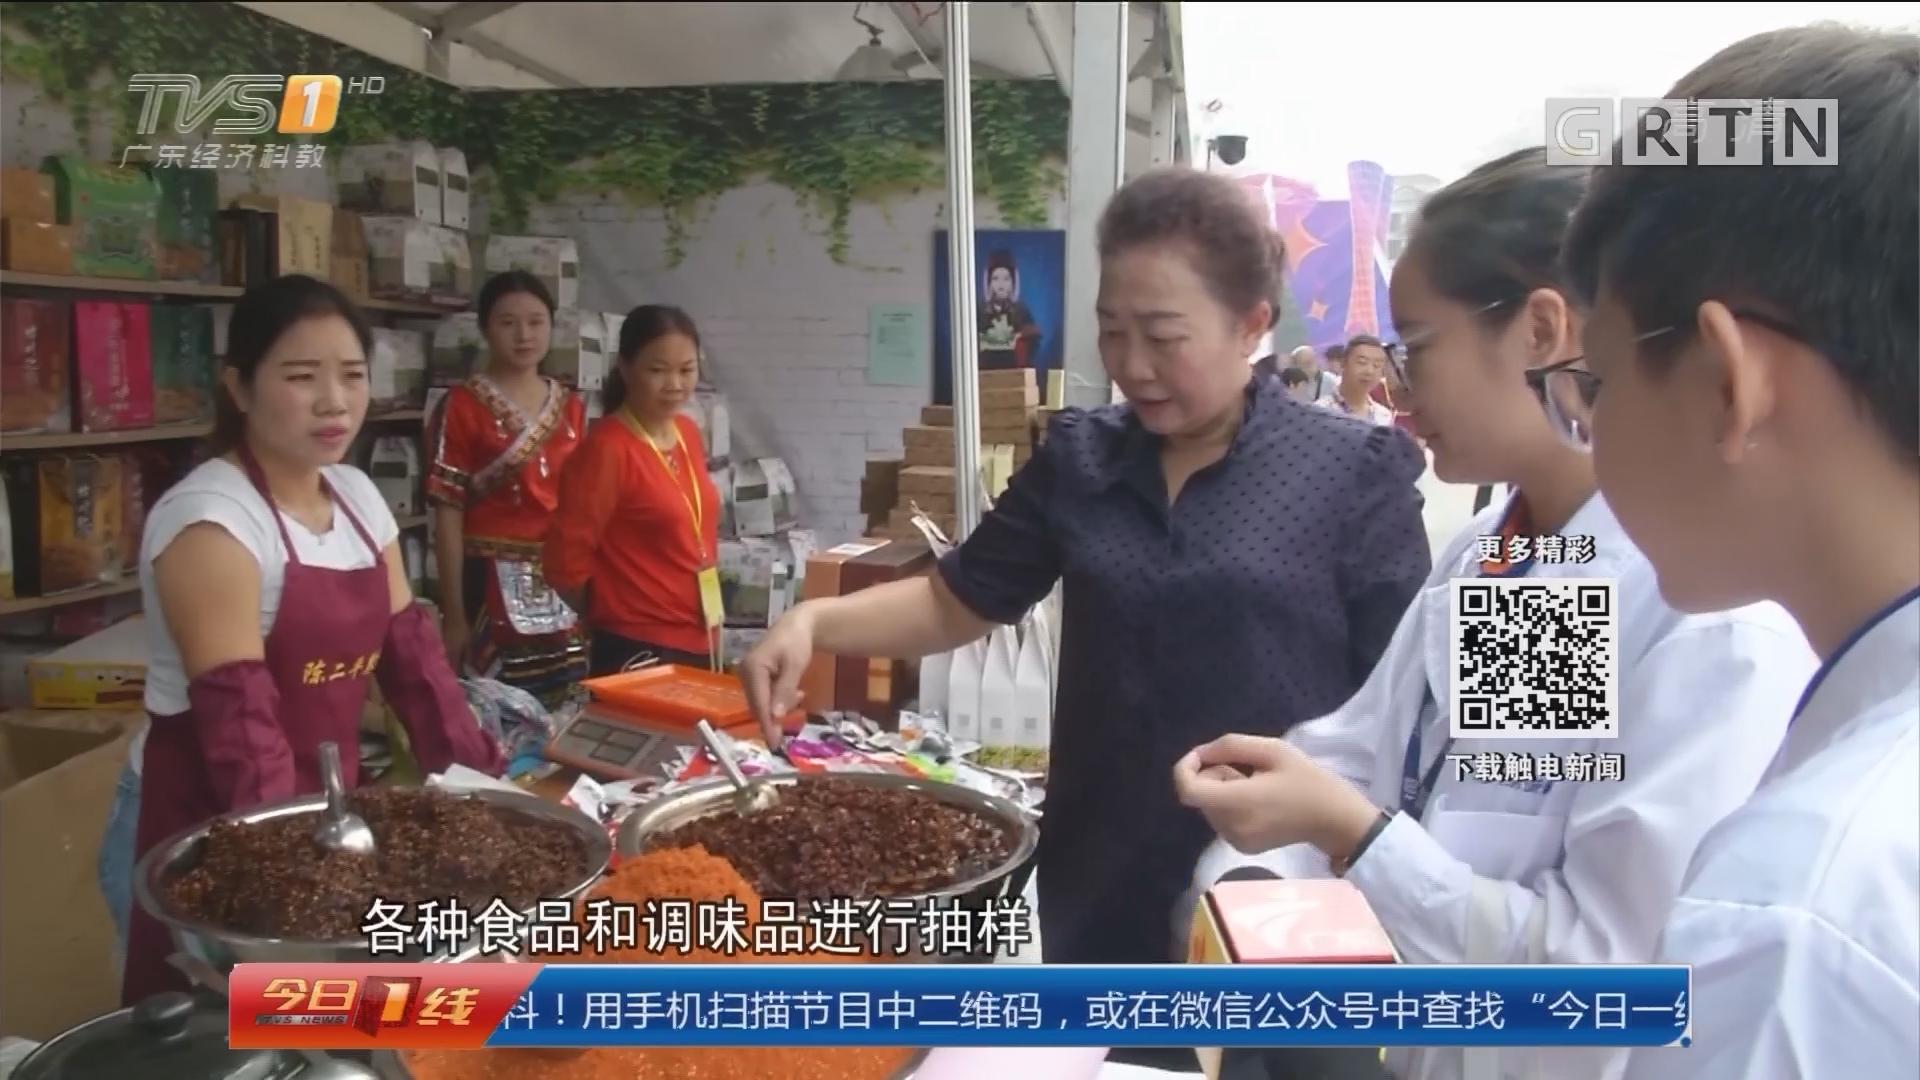 广州国际美食节:美食汇聚 多项目现场做安全检测